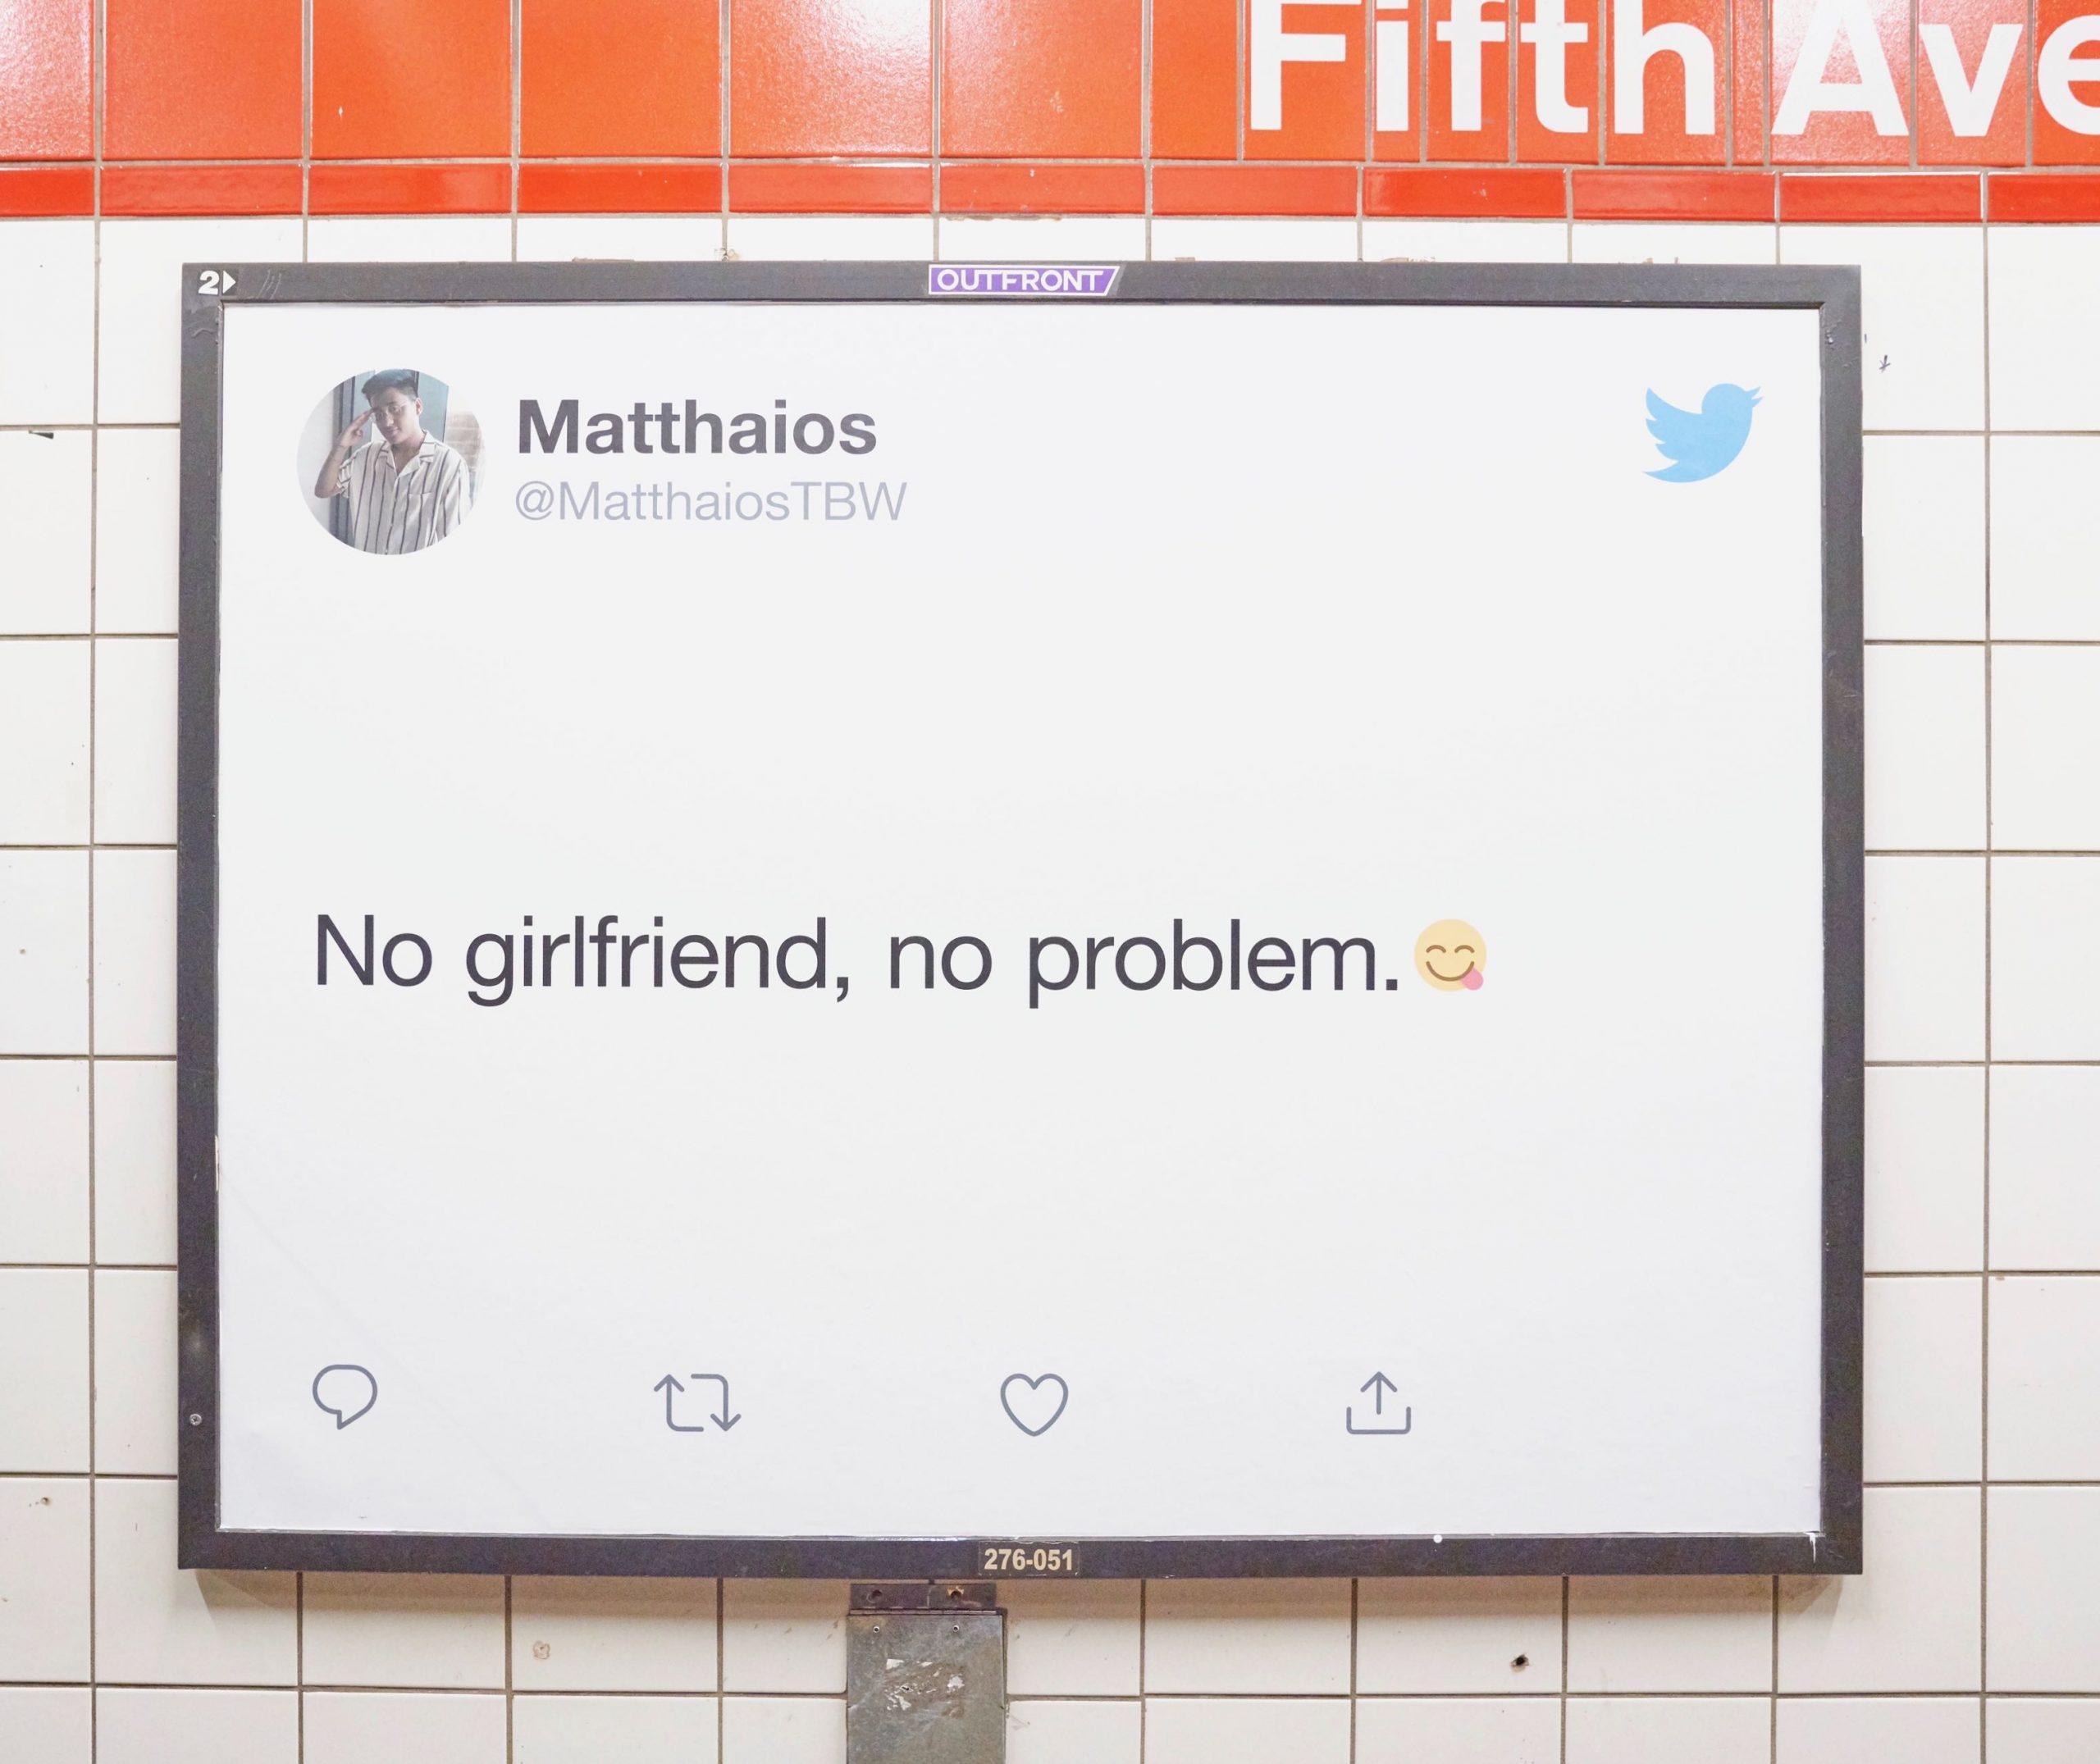 Твиты в метро. Источник фото: Twitter